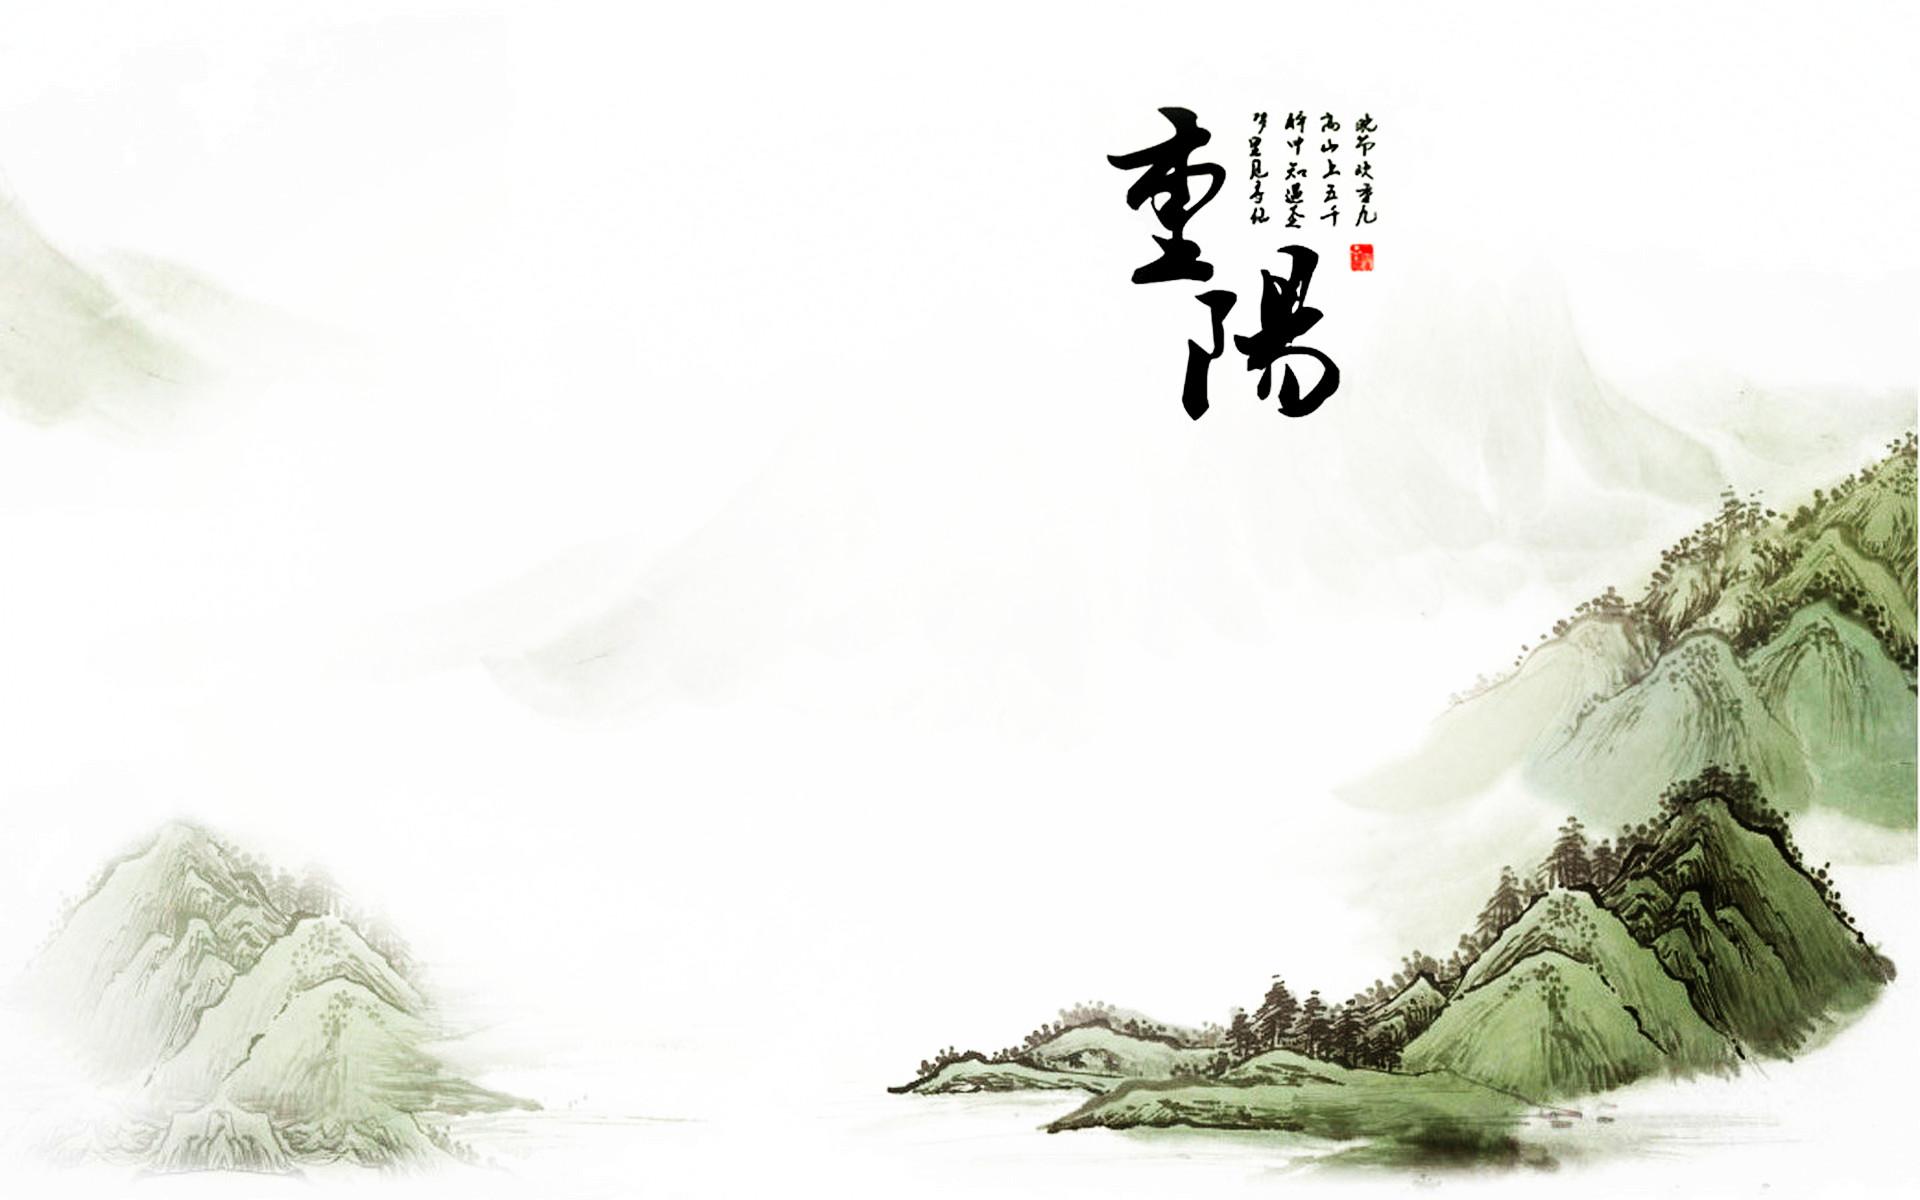 重阳节高清唯美中国风水墨画ppt背景图片下载_幻灯片